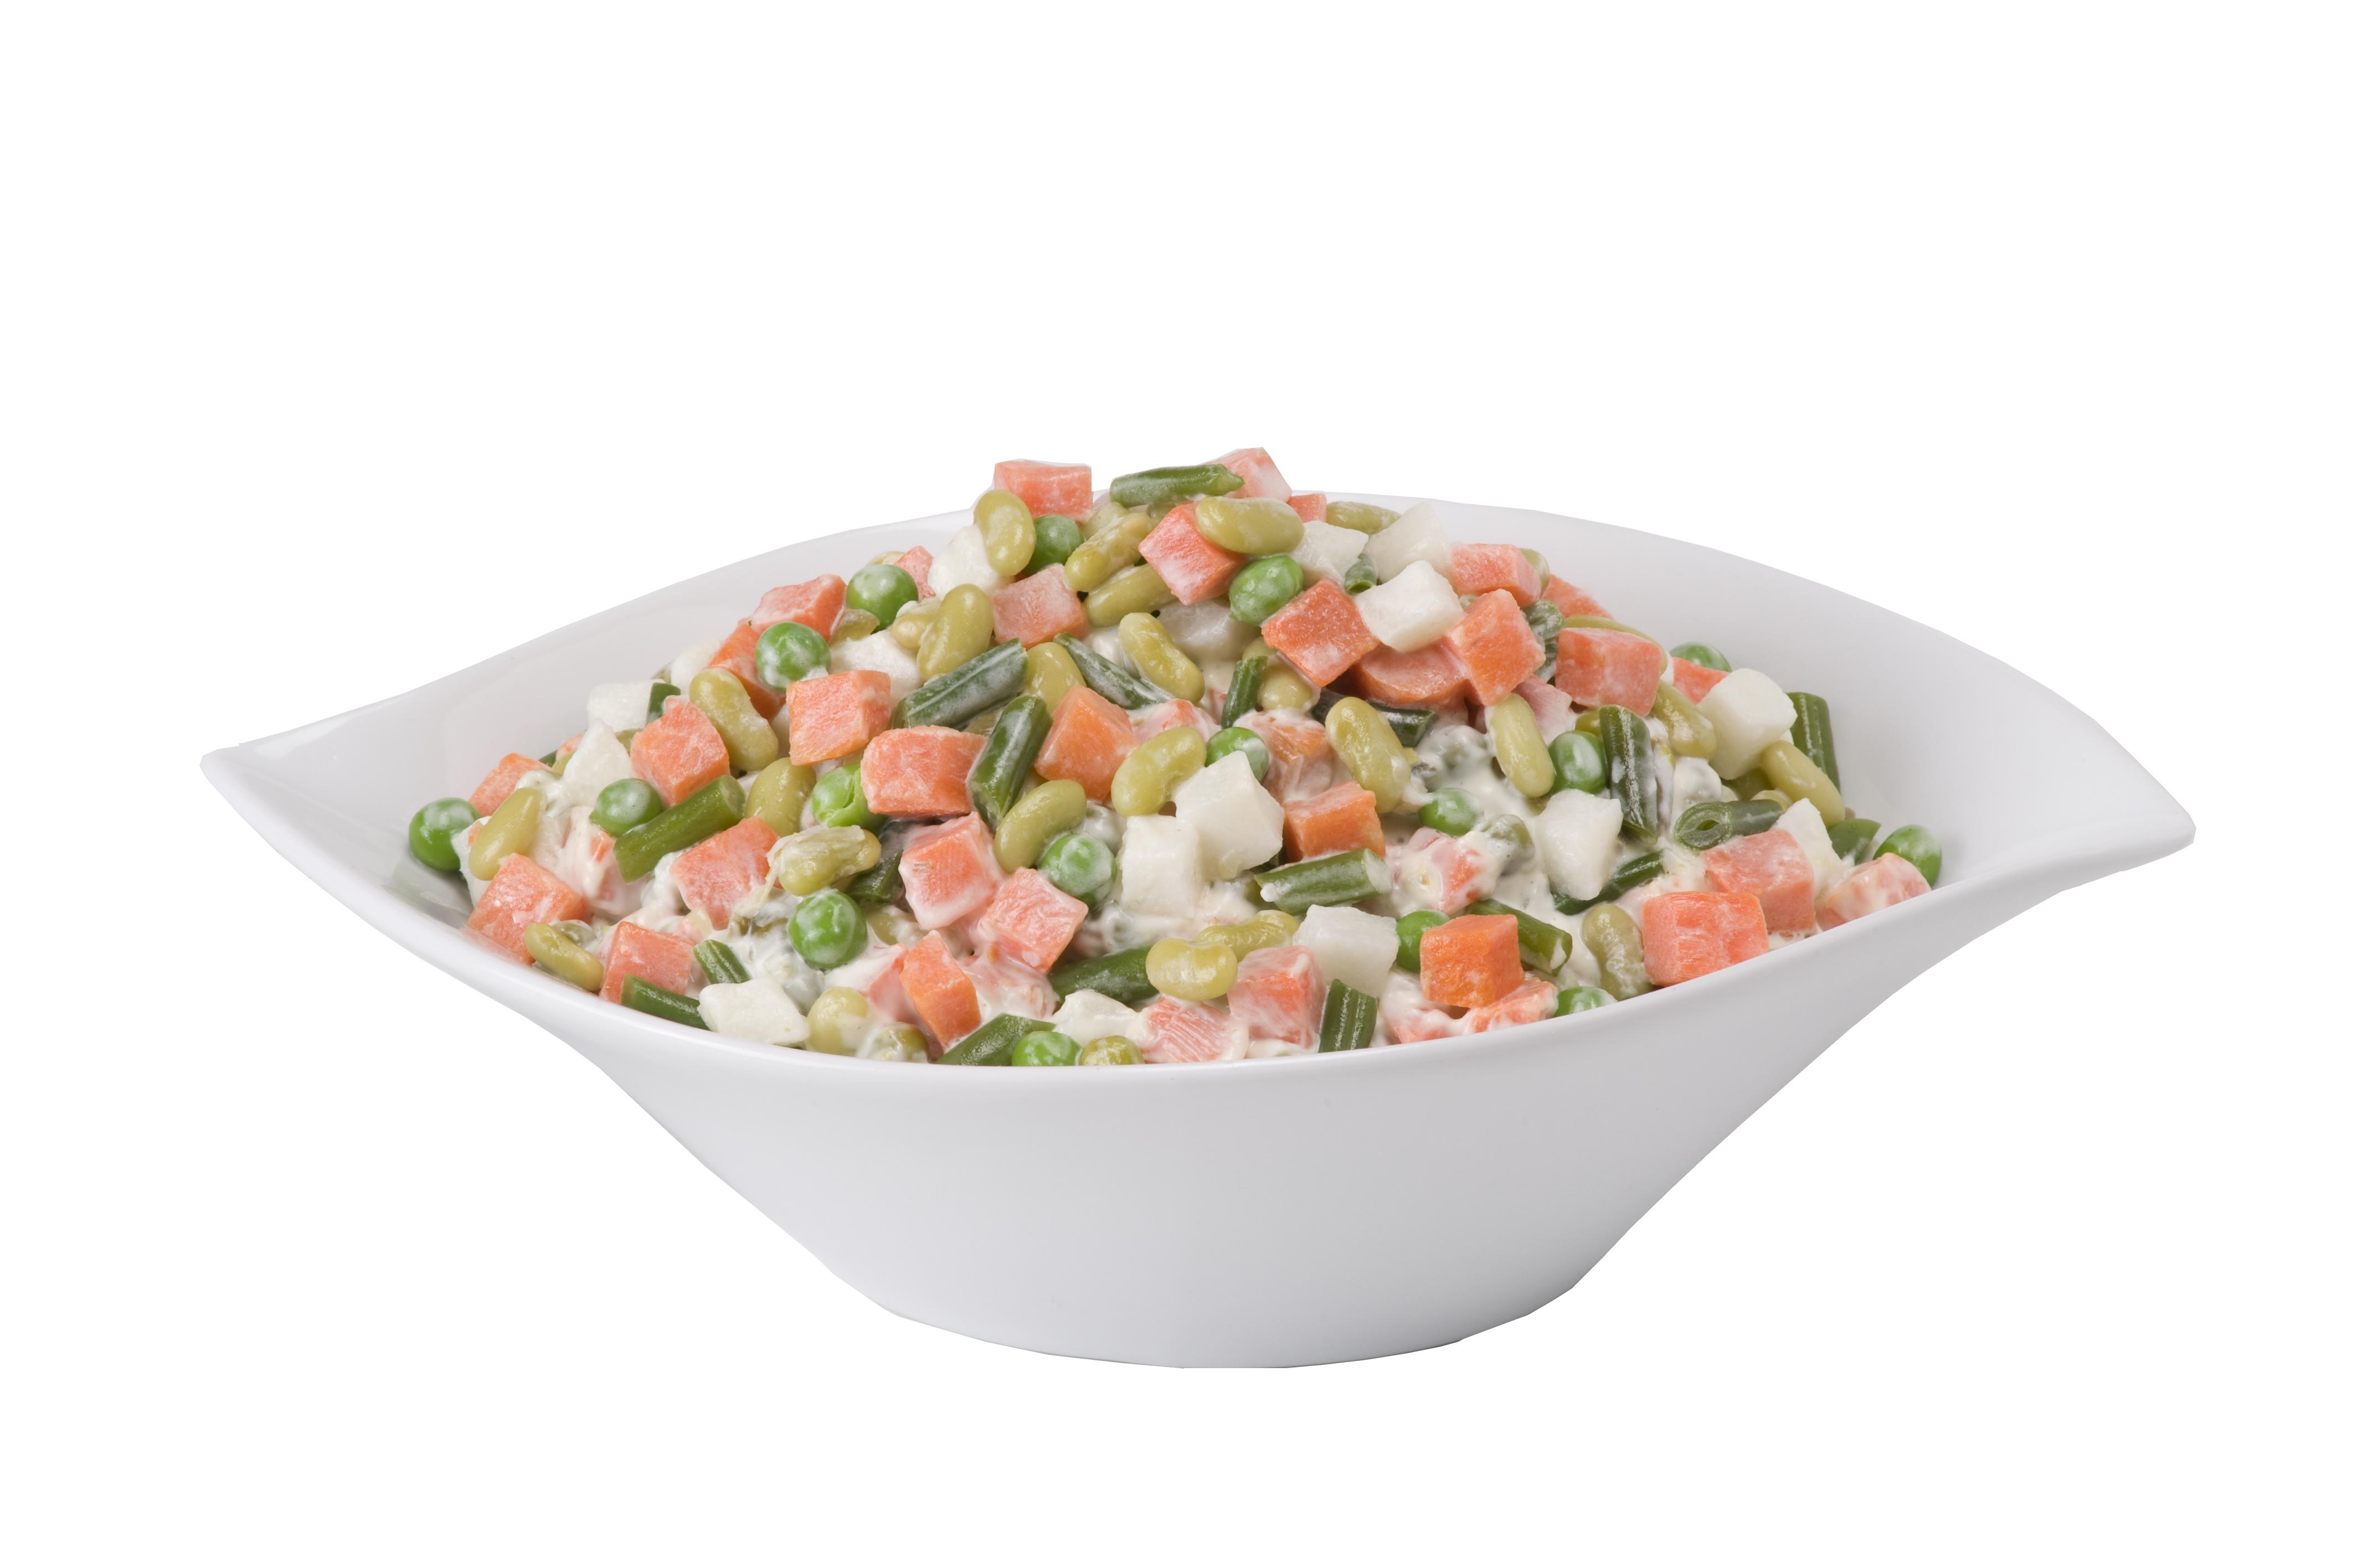 http://www.guillaud-traiteur.com/wp-content/uploads/2012/07/Macédoine-de-légumes.jpg